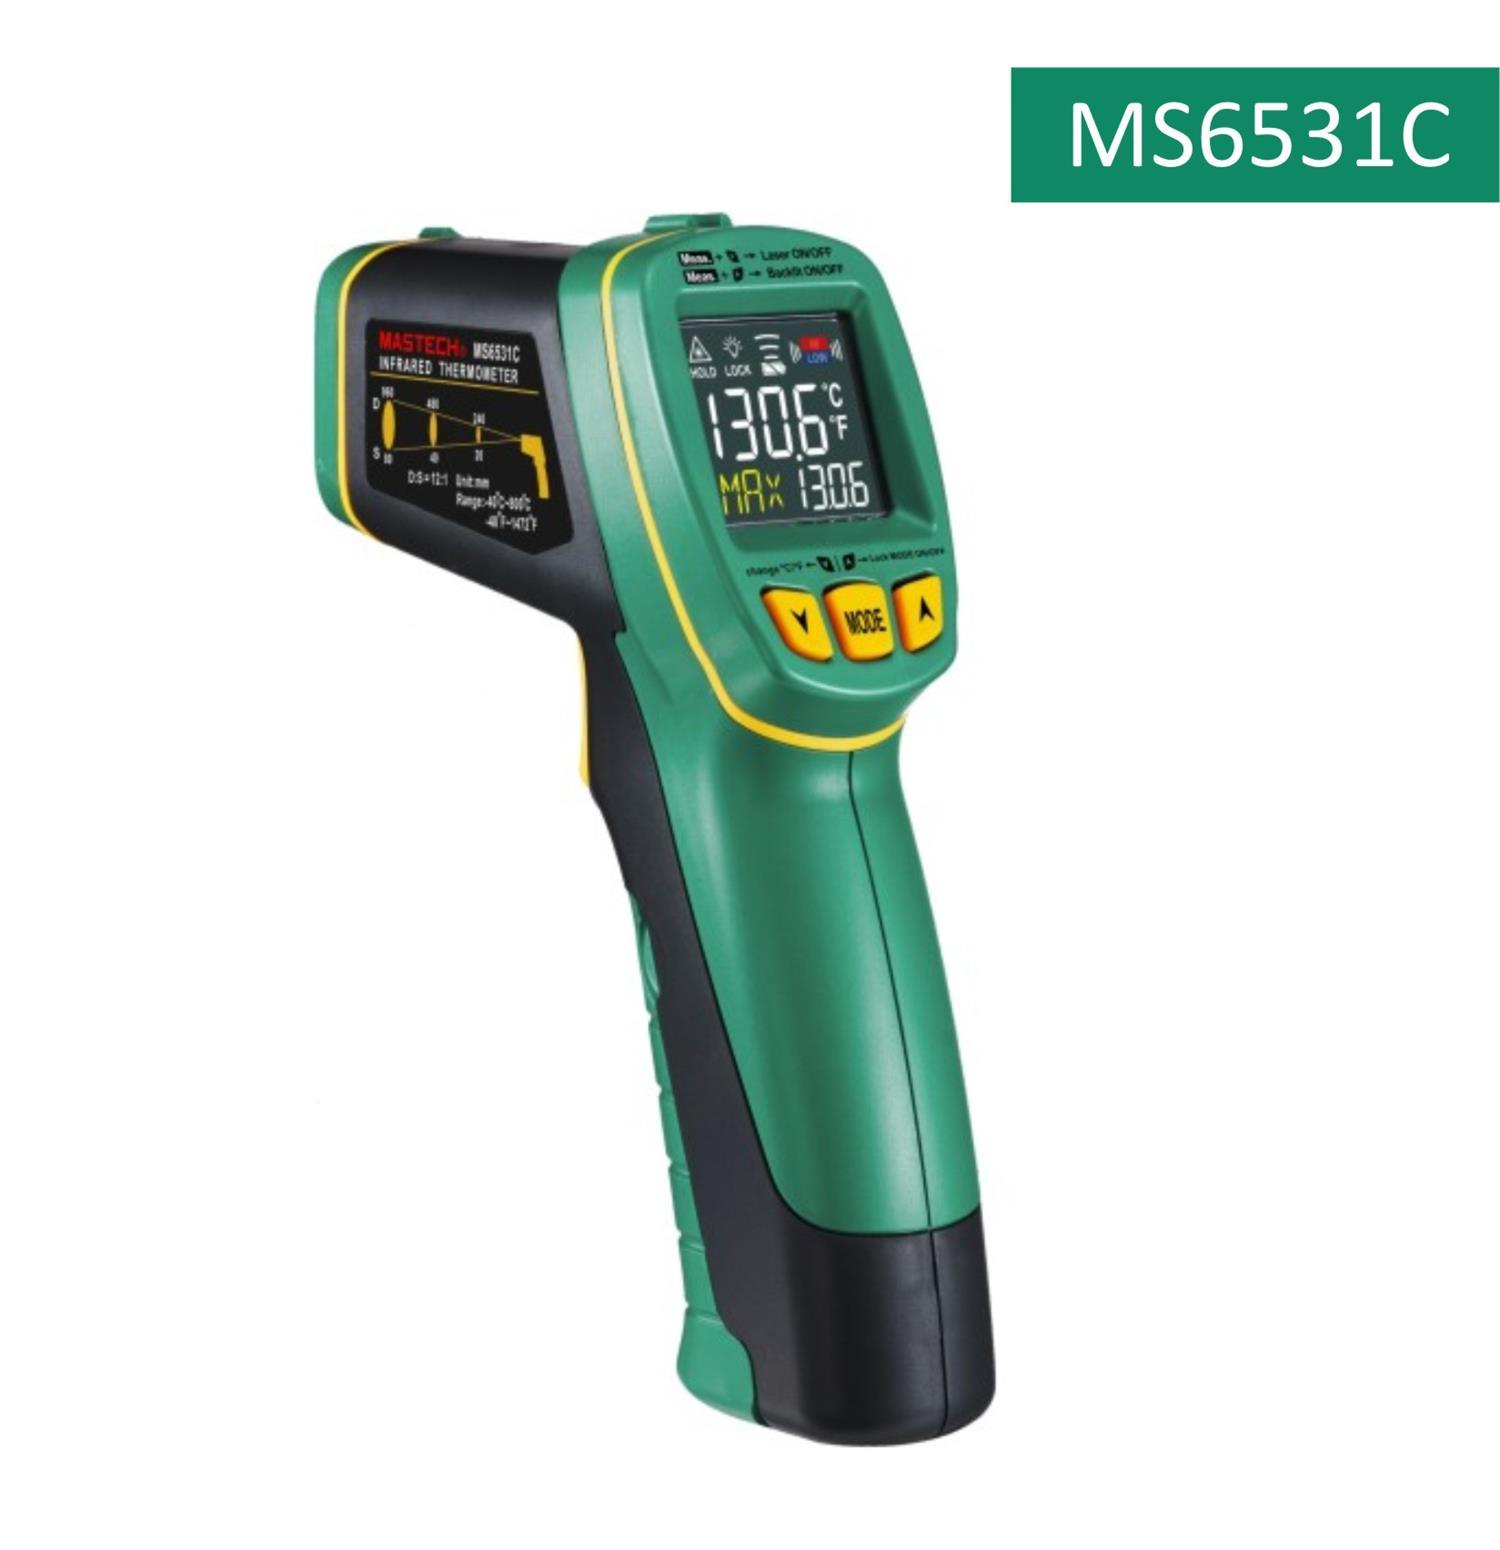 MS6531C